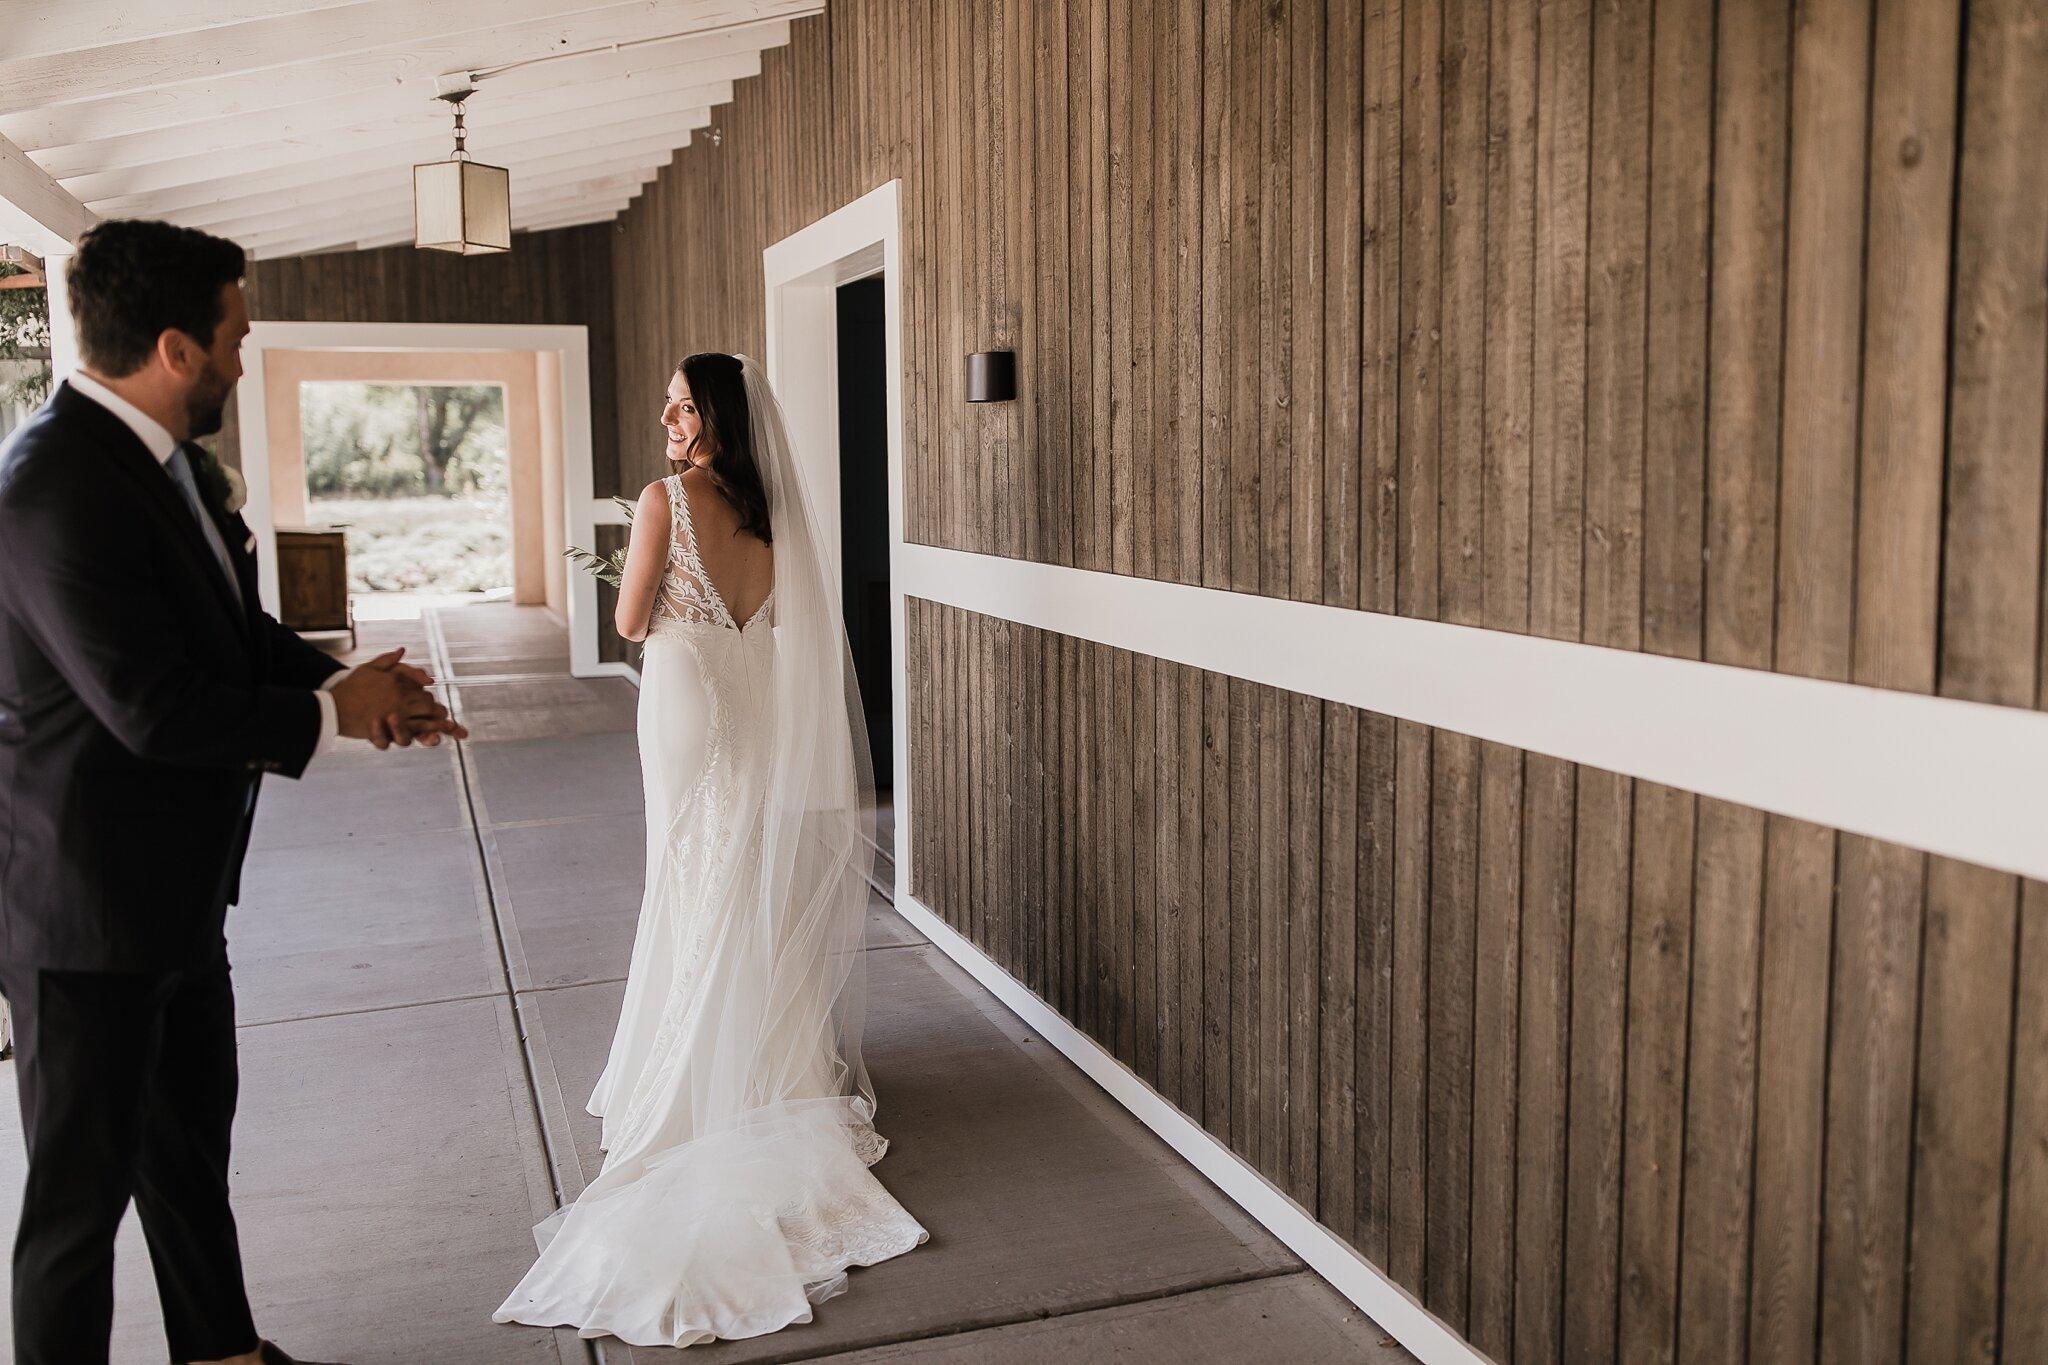 Alicia+lucia+photography+-+albuquerque+wedding+photographer+-+santa+fe+wedding+photography+-+new+mexico+wedding+photographer+-+new+mexico+wedding+-+wedding+-+albuquerque+wedding+-+los+poblanos+-+los+poblanos+wedding+-+fall+wedding_0028.jpg